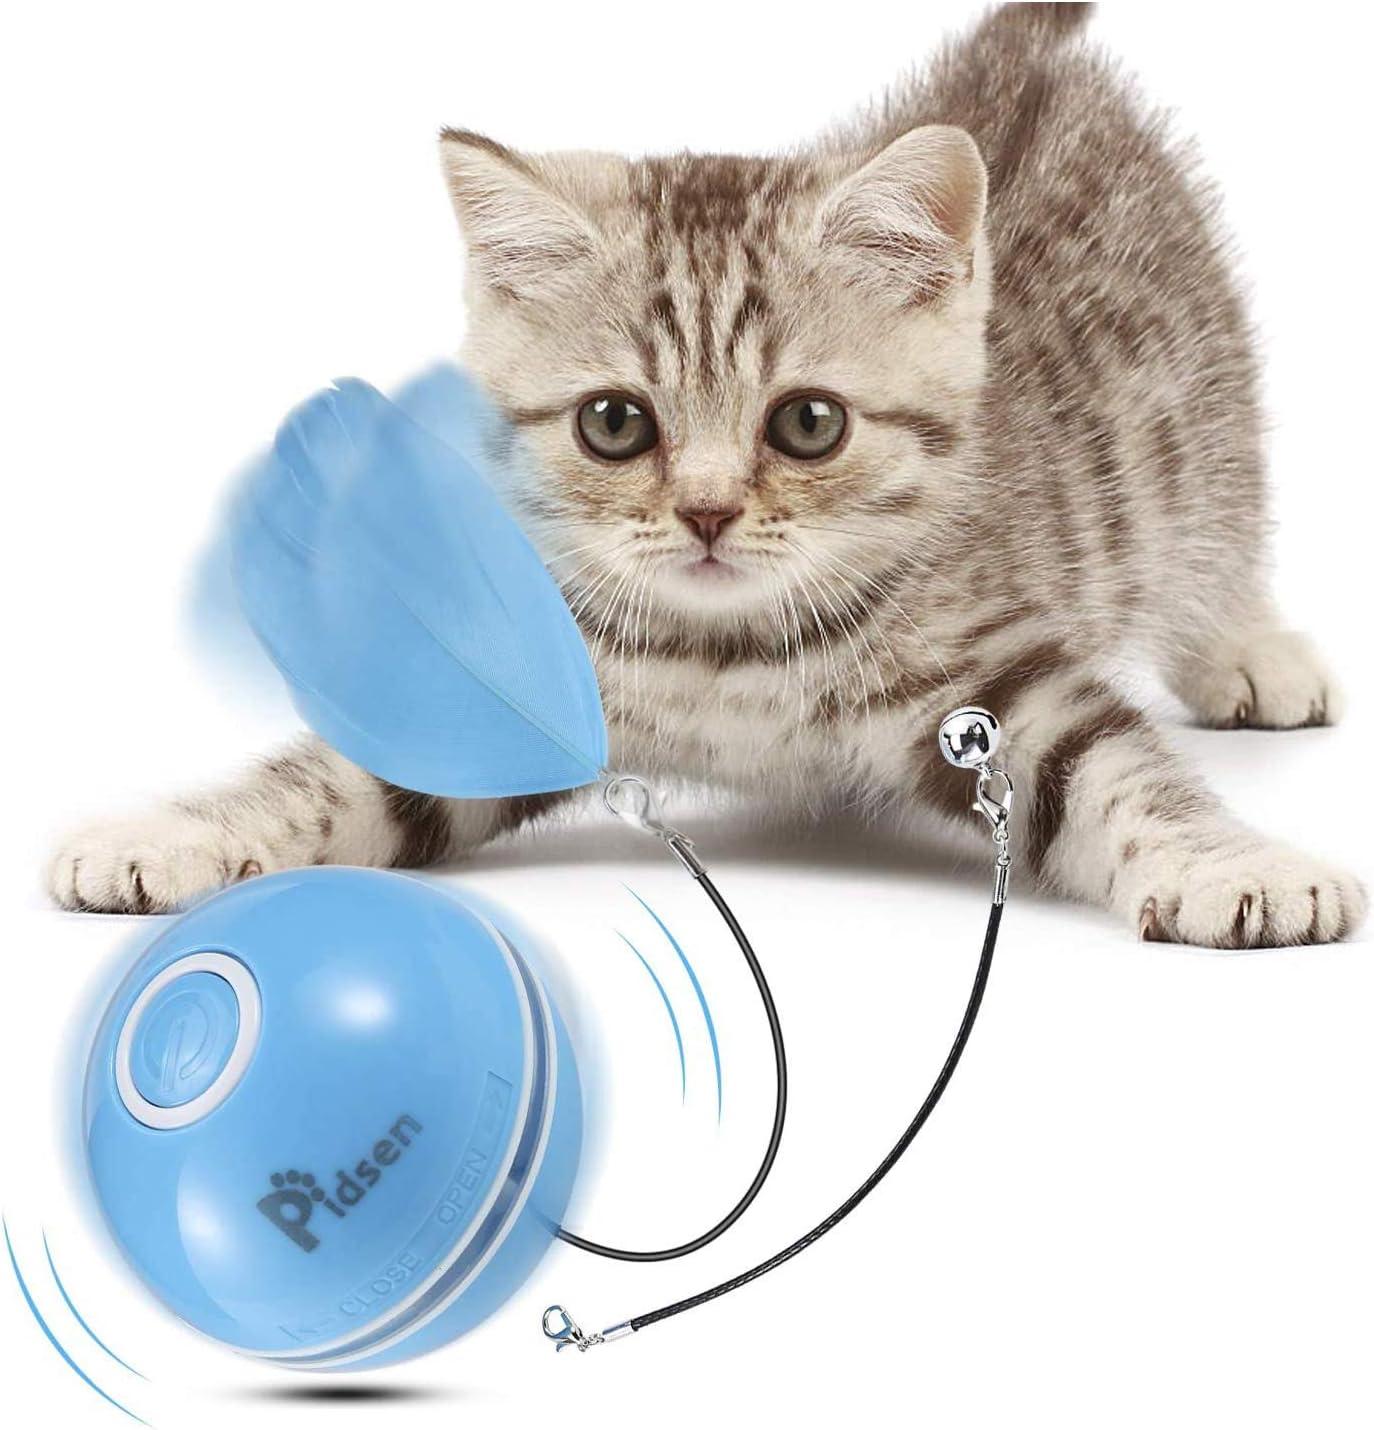 Pidsen Bola de Gato,Juguetes Gatos Pelotas, Juguete para Mascotas con Carga USB, Luz LED Giratoria Incorporada, 2 Modos de Iluminación & Adjunto Pluma con Campana